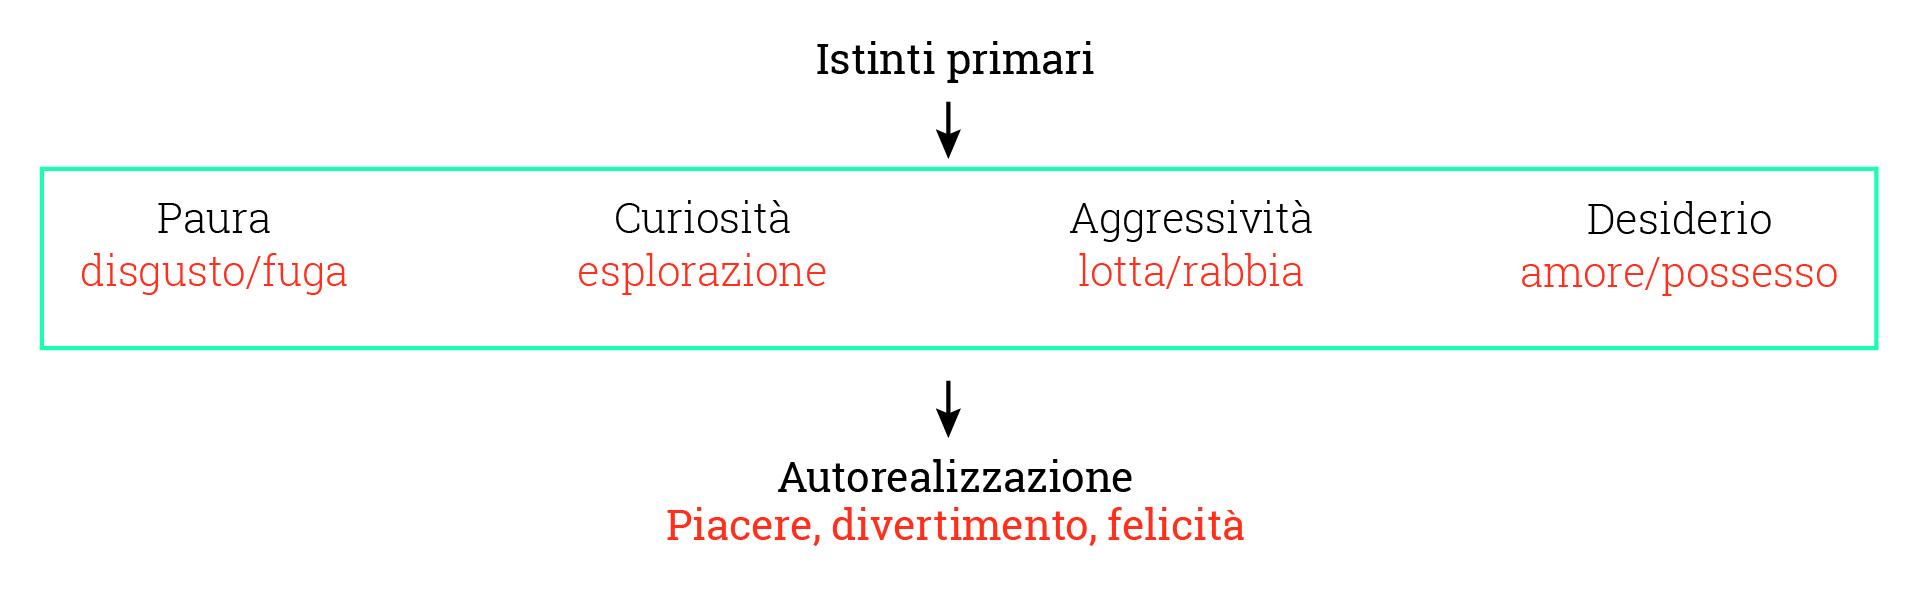 piermarco-rosa-schema-emozioni-reazioni